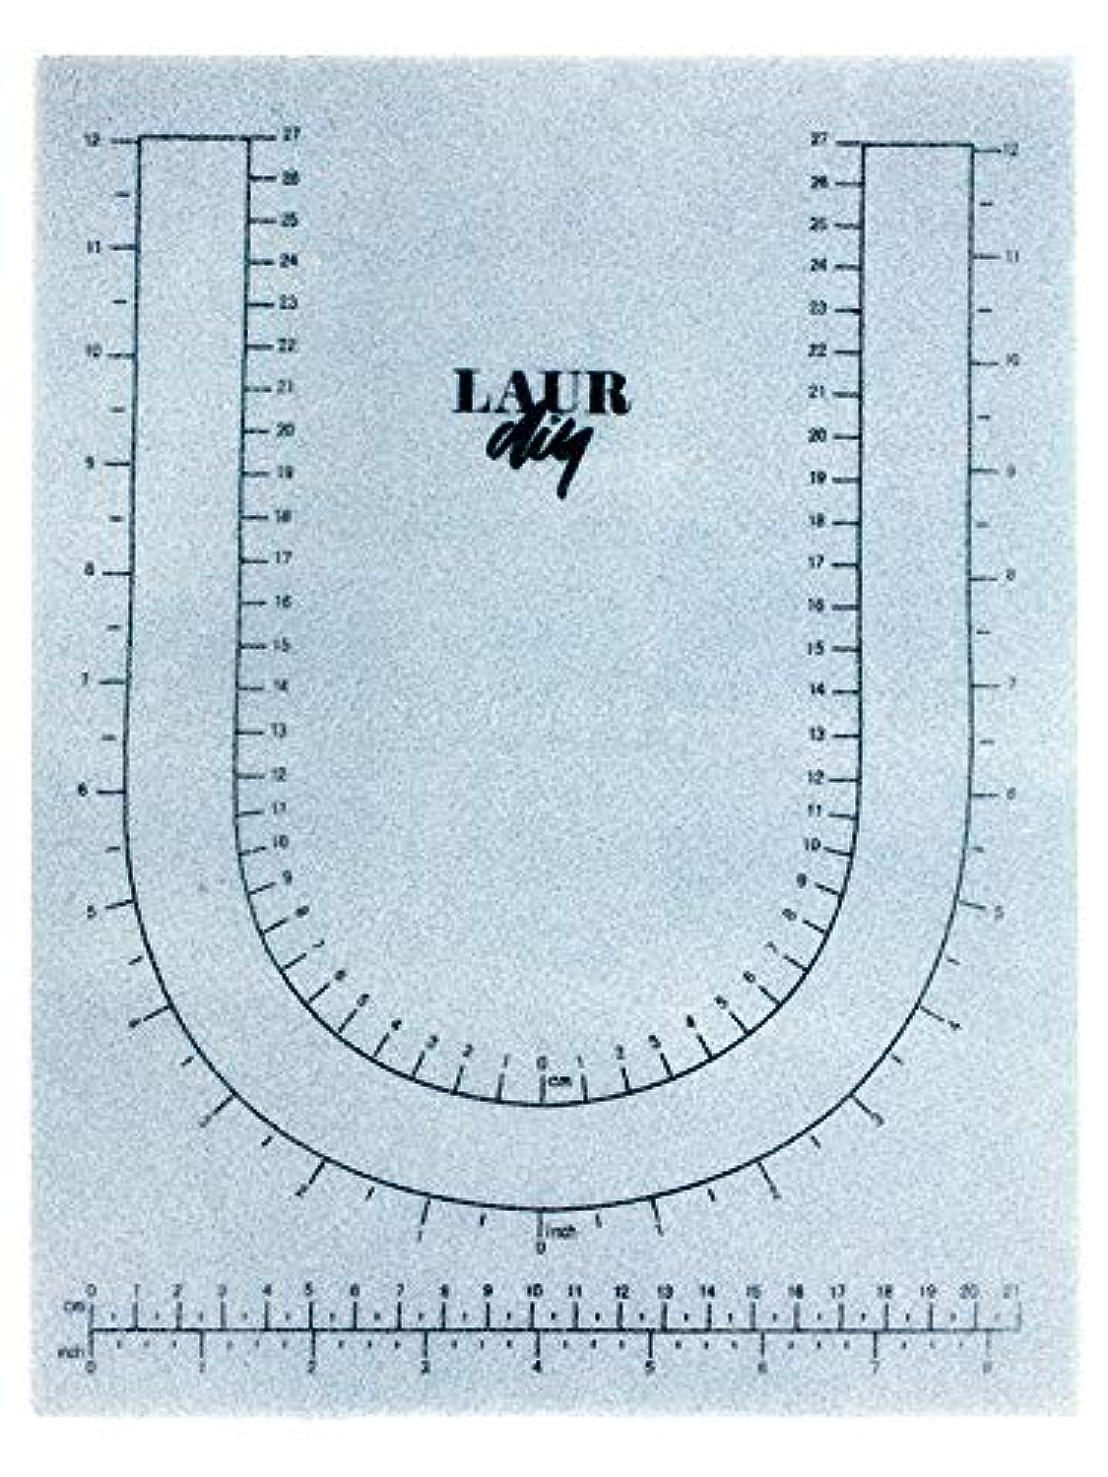 LaurDIY 37600043 Bead Mat BEADMAT, Blue